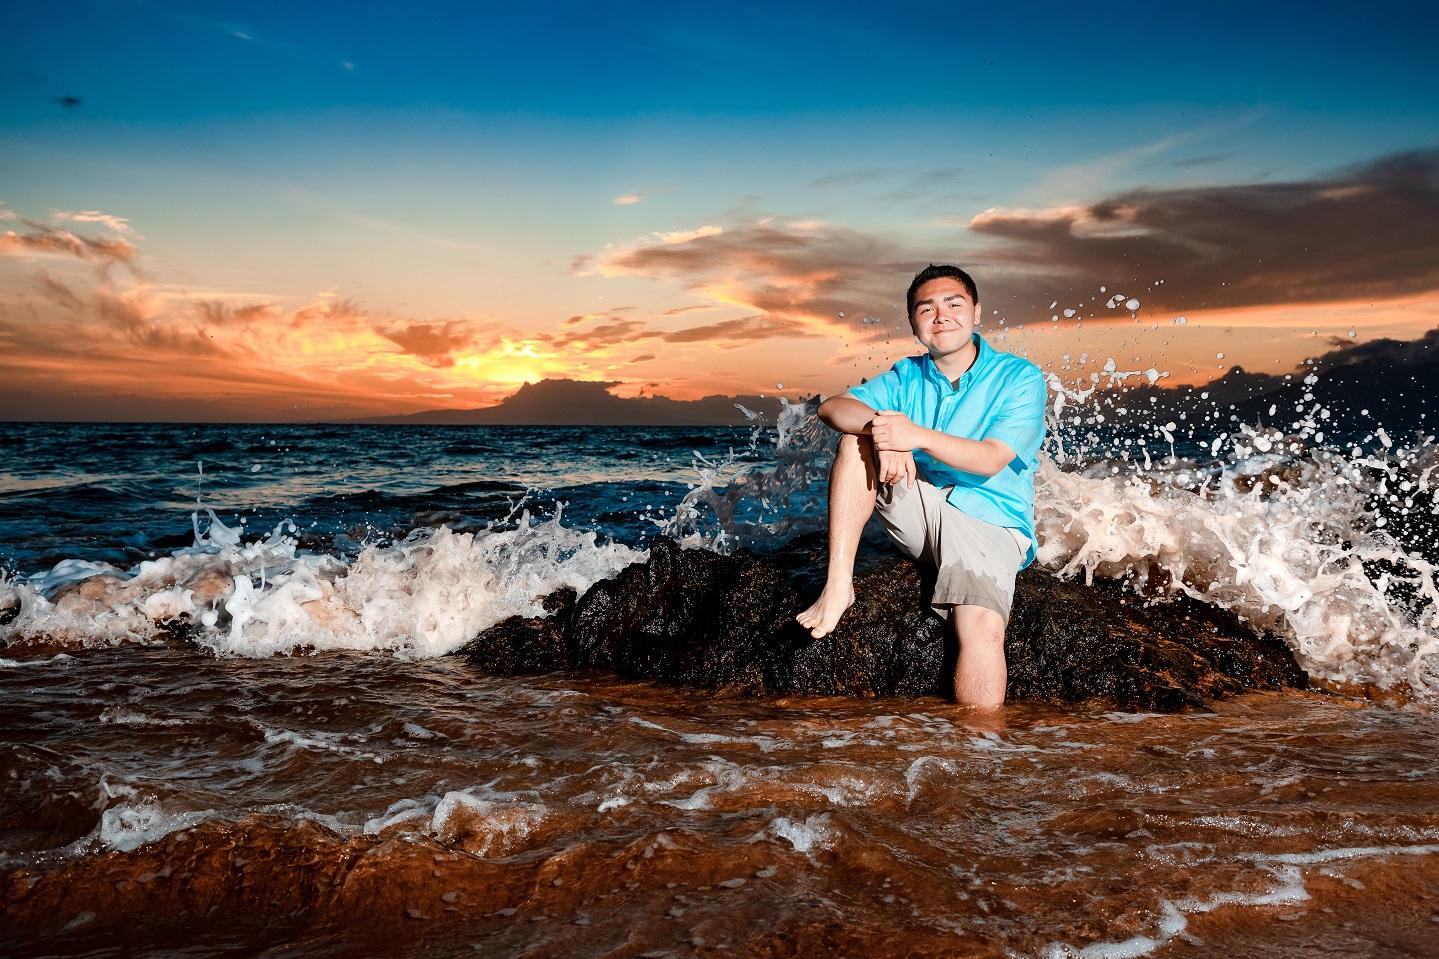 senior portrait family beach sunset photography photos